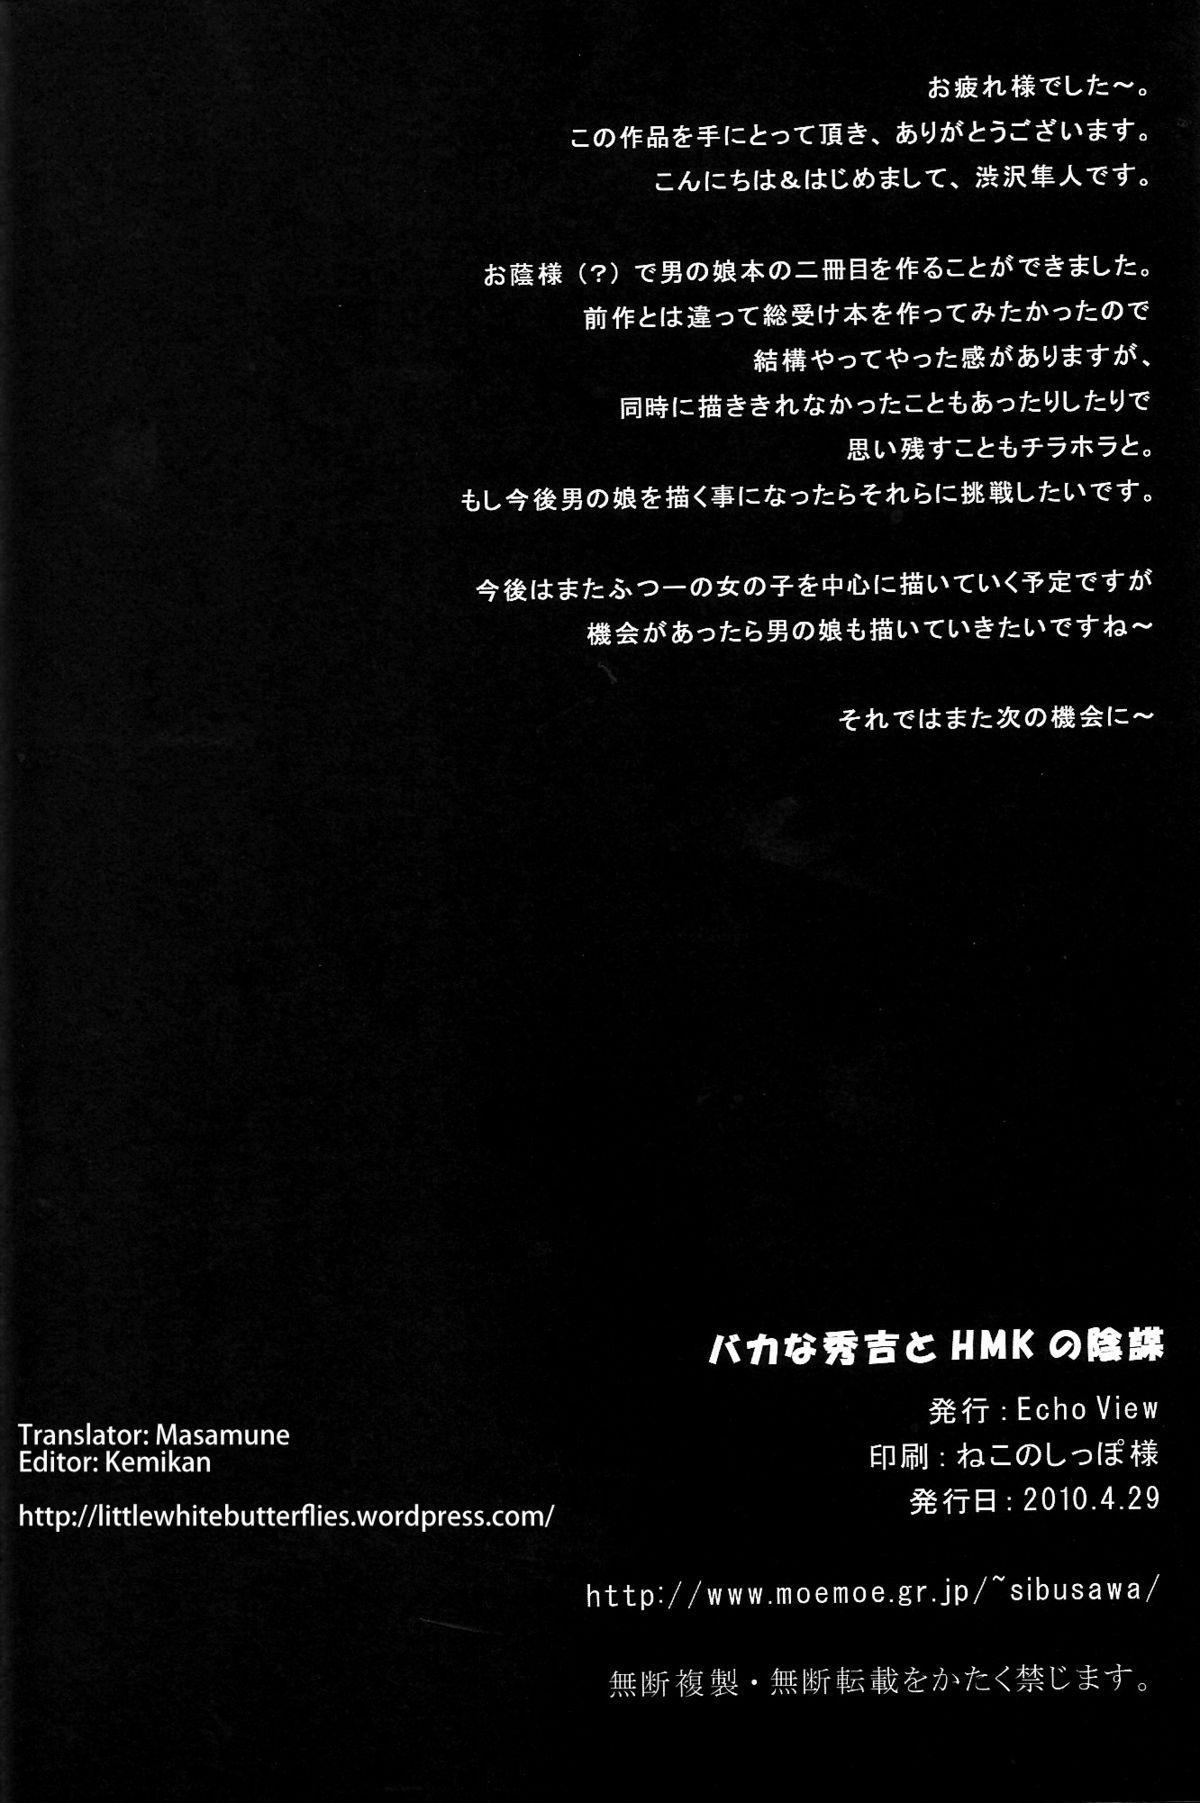 Baka na Hideyoshi to HMK no Inbou   Stupid Hideyoshi and the HMK Conspiracy 24